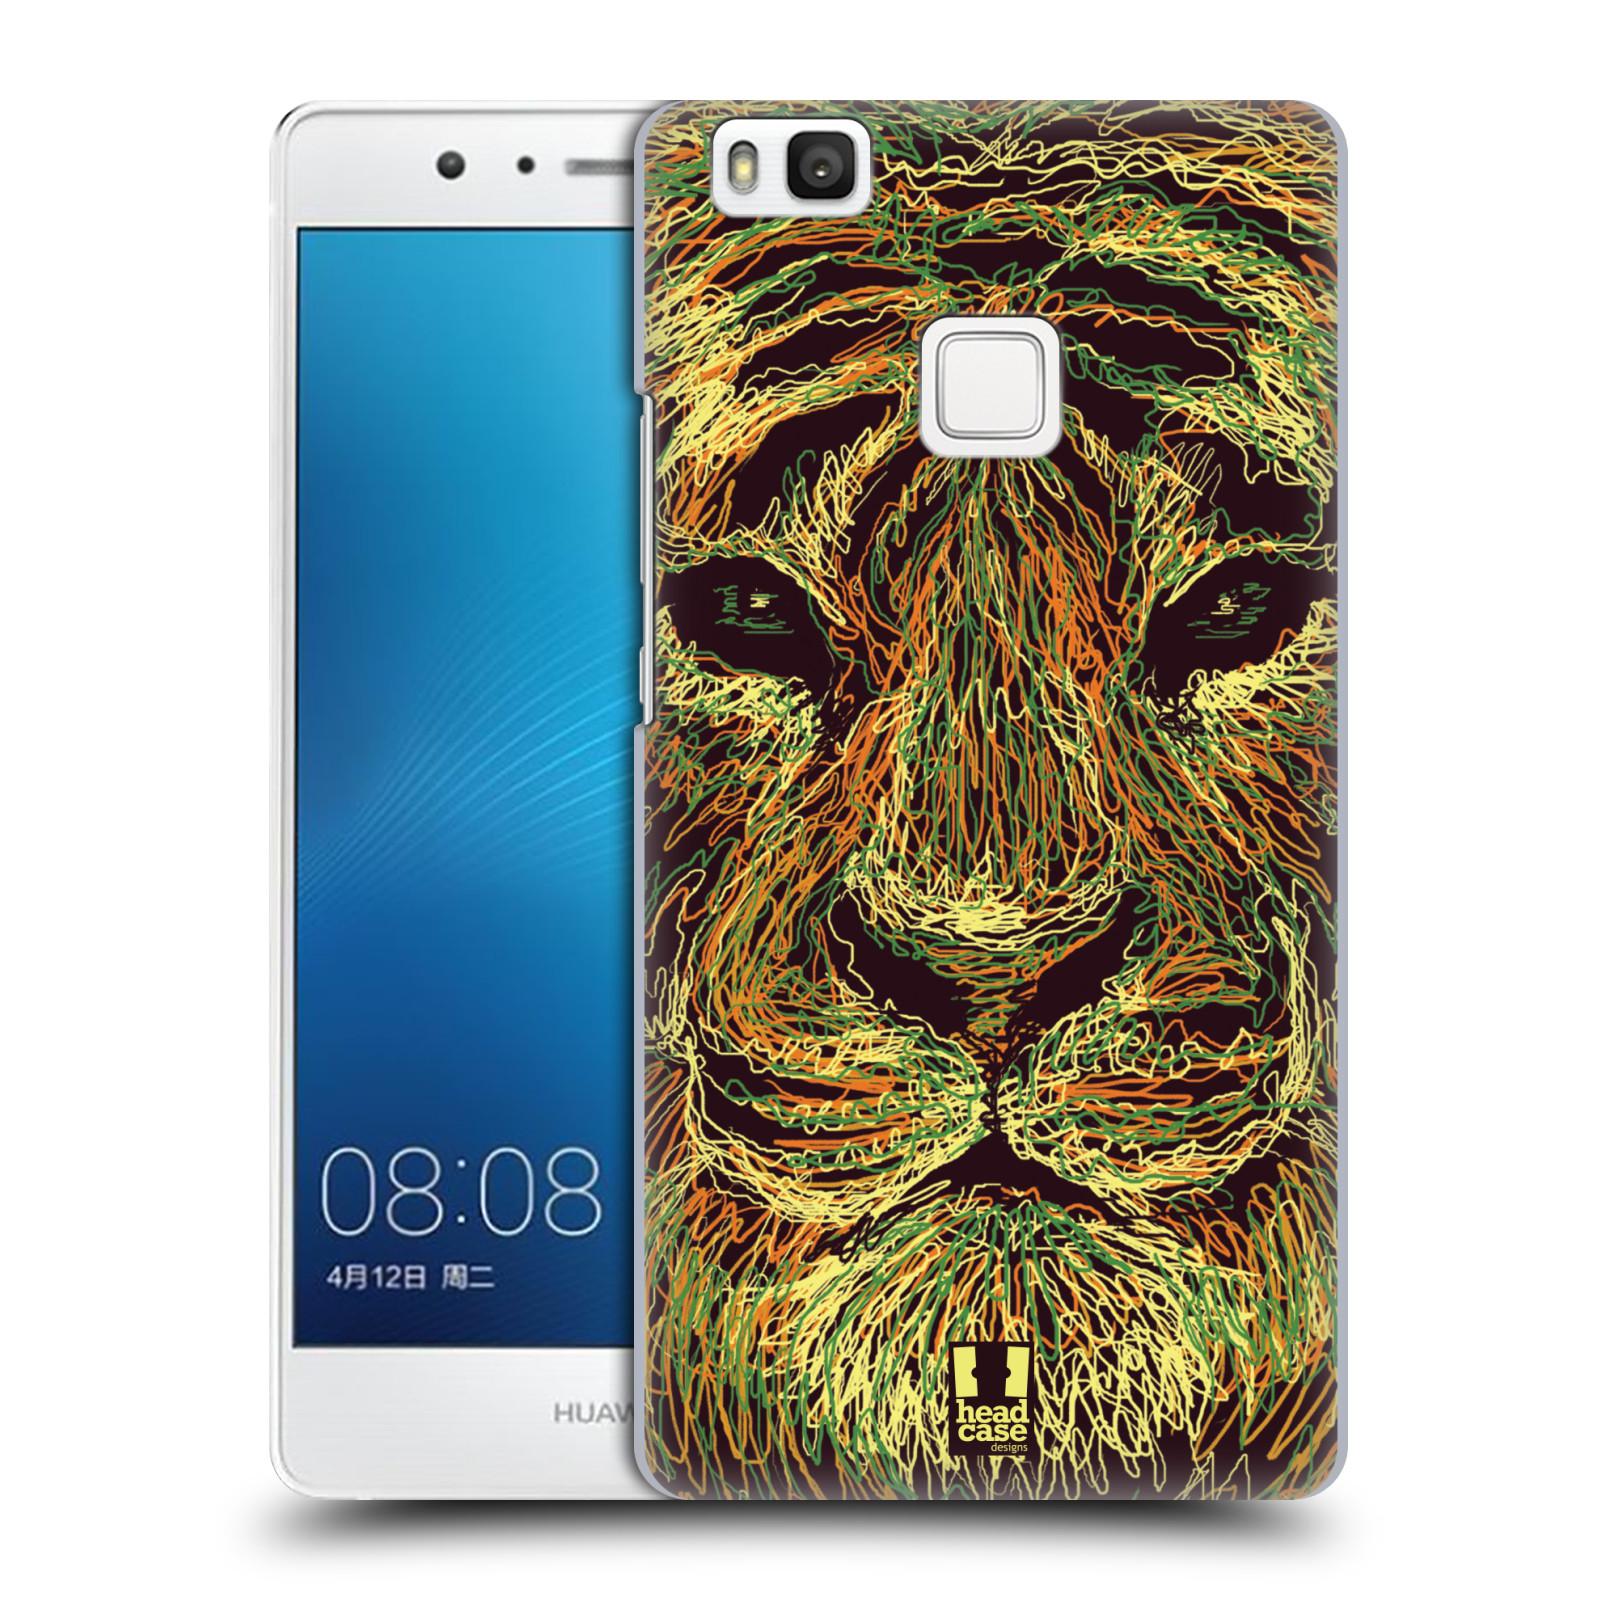 HEAD CASE plastový obal na mobil Huawei P9 LITE / P9 LITE DUAL SIM vzor zvíře čmáranice tygr